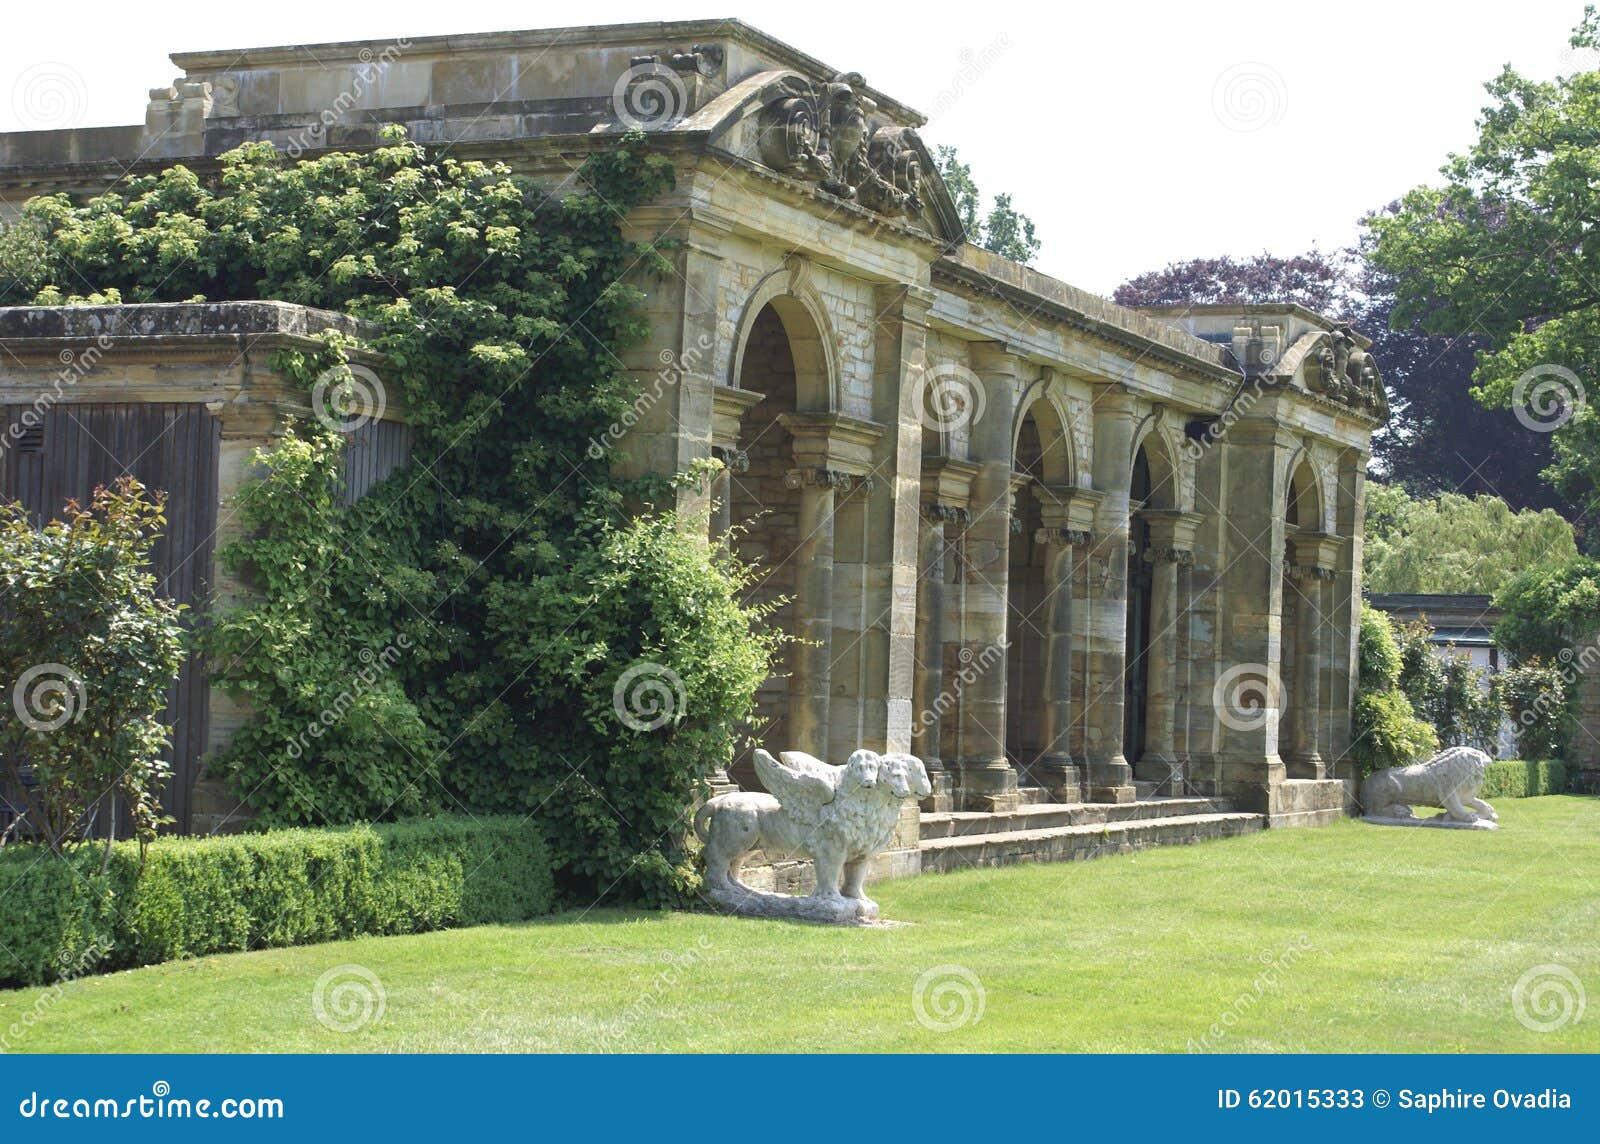 Le statue del leone e della colonnato a Hever fortificano il giardino italiano in Inghilterra